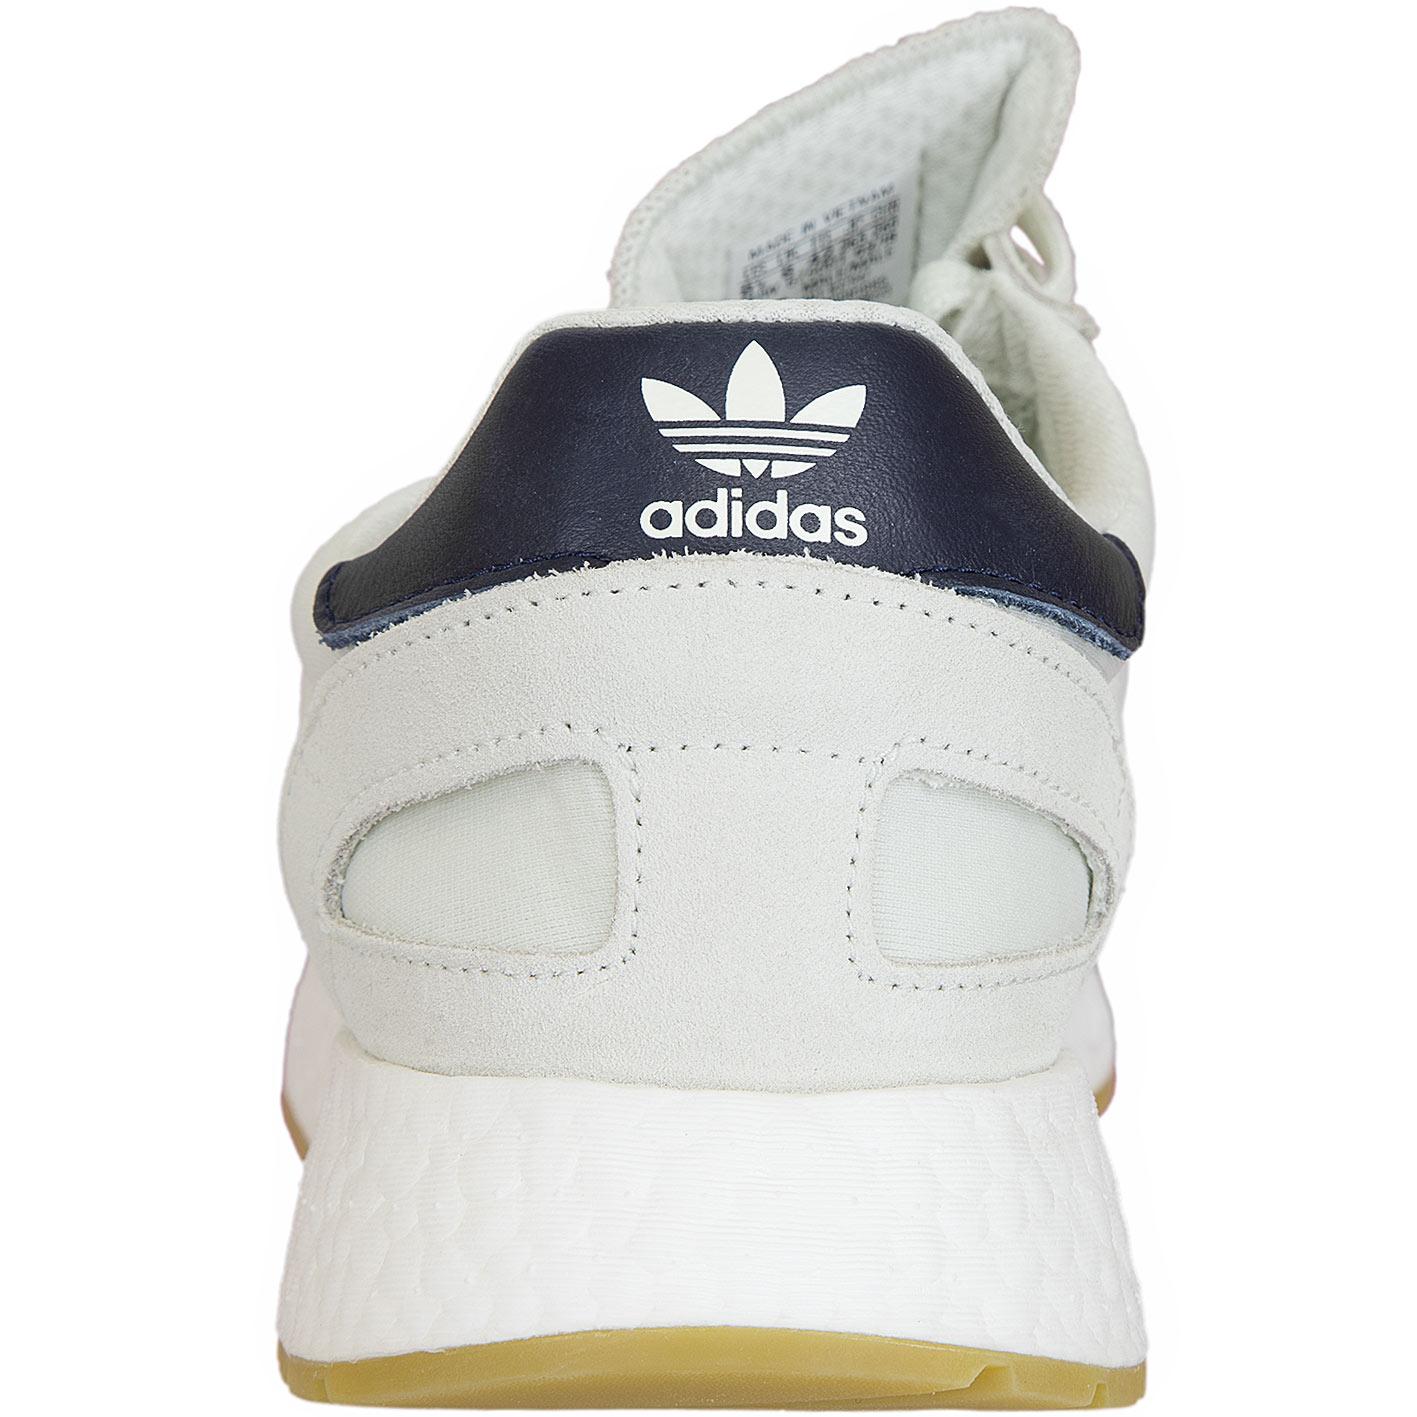 HERREN SCHUHE SNEAKERS Adidas Originals I 5923 [B37947